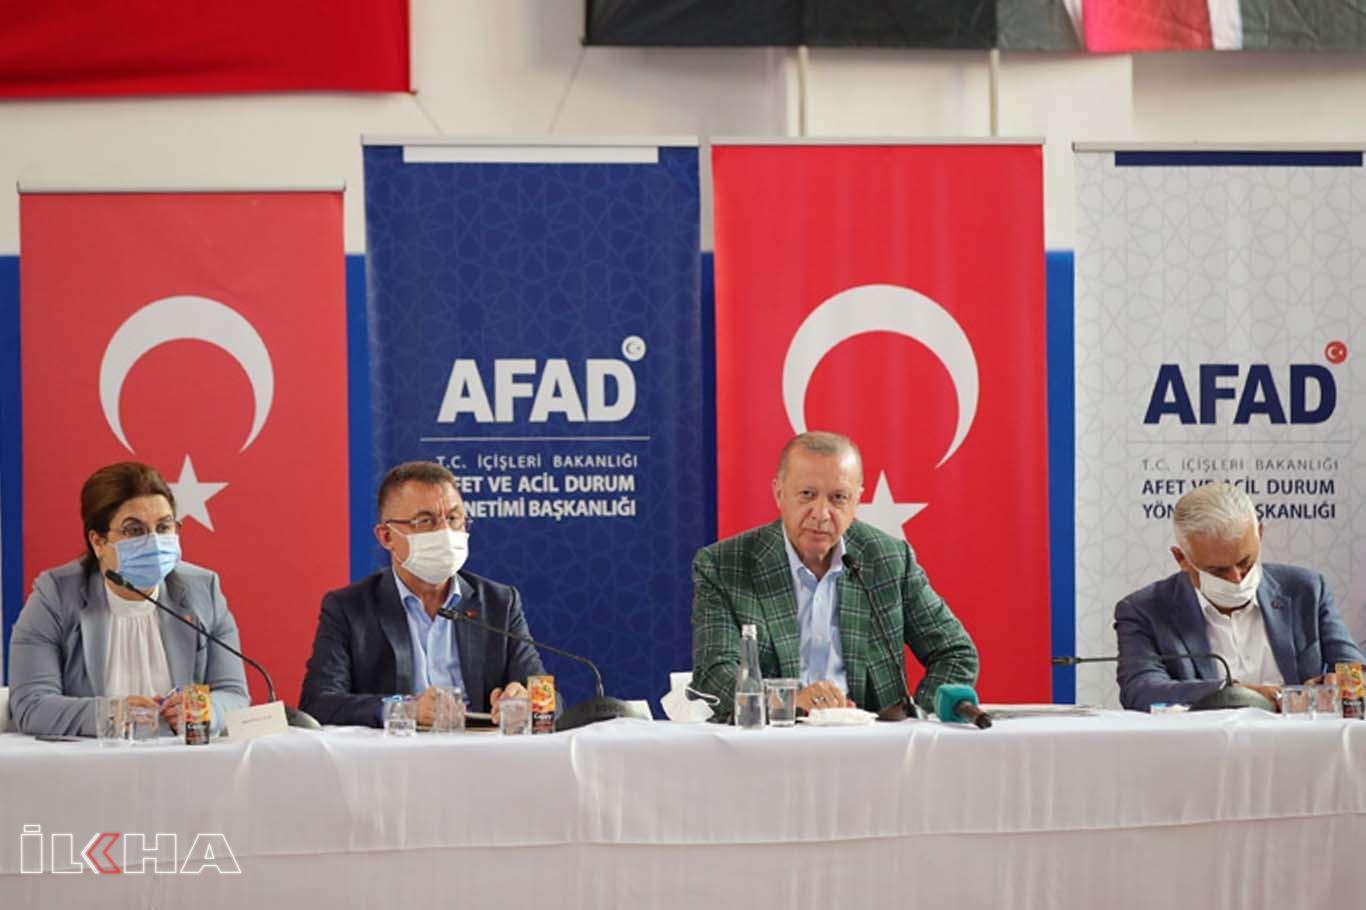 Cumhurbaşkanı Erdoğan: Yanan her yeri fazlasıyla ağaçlandıracağız